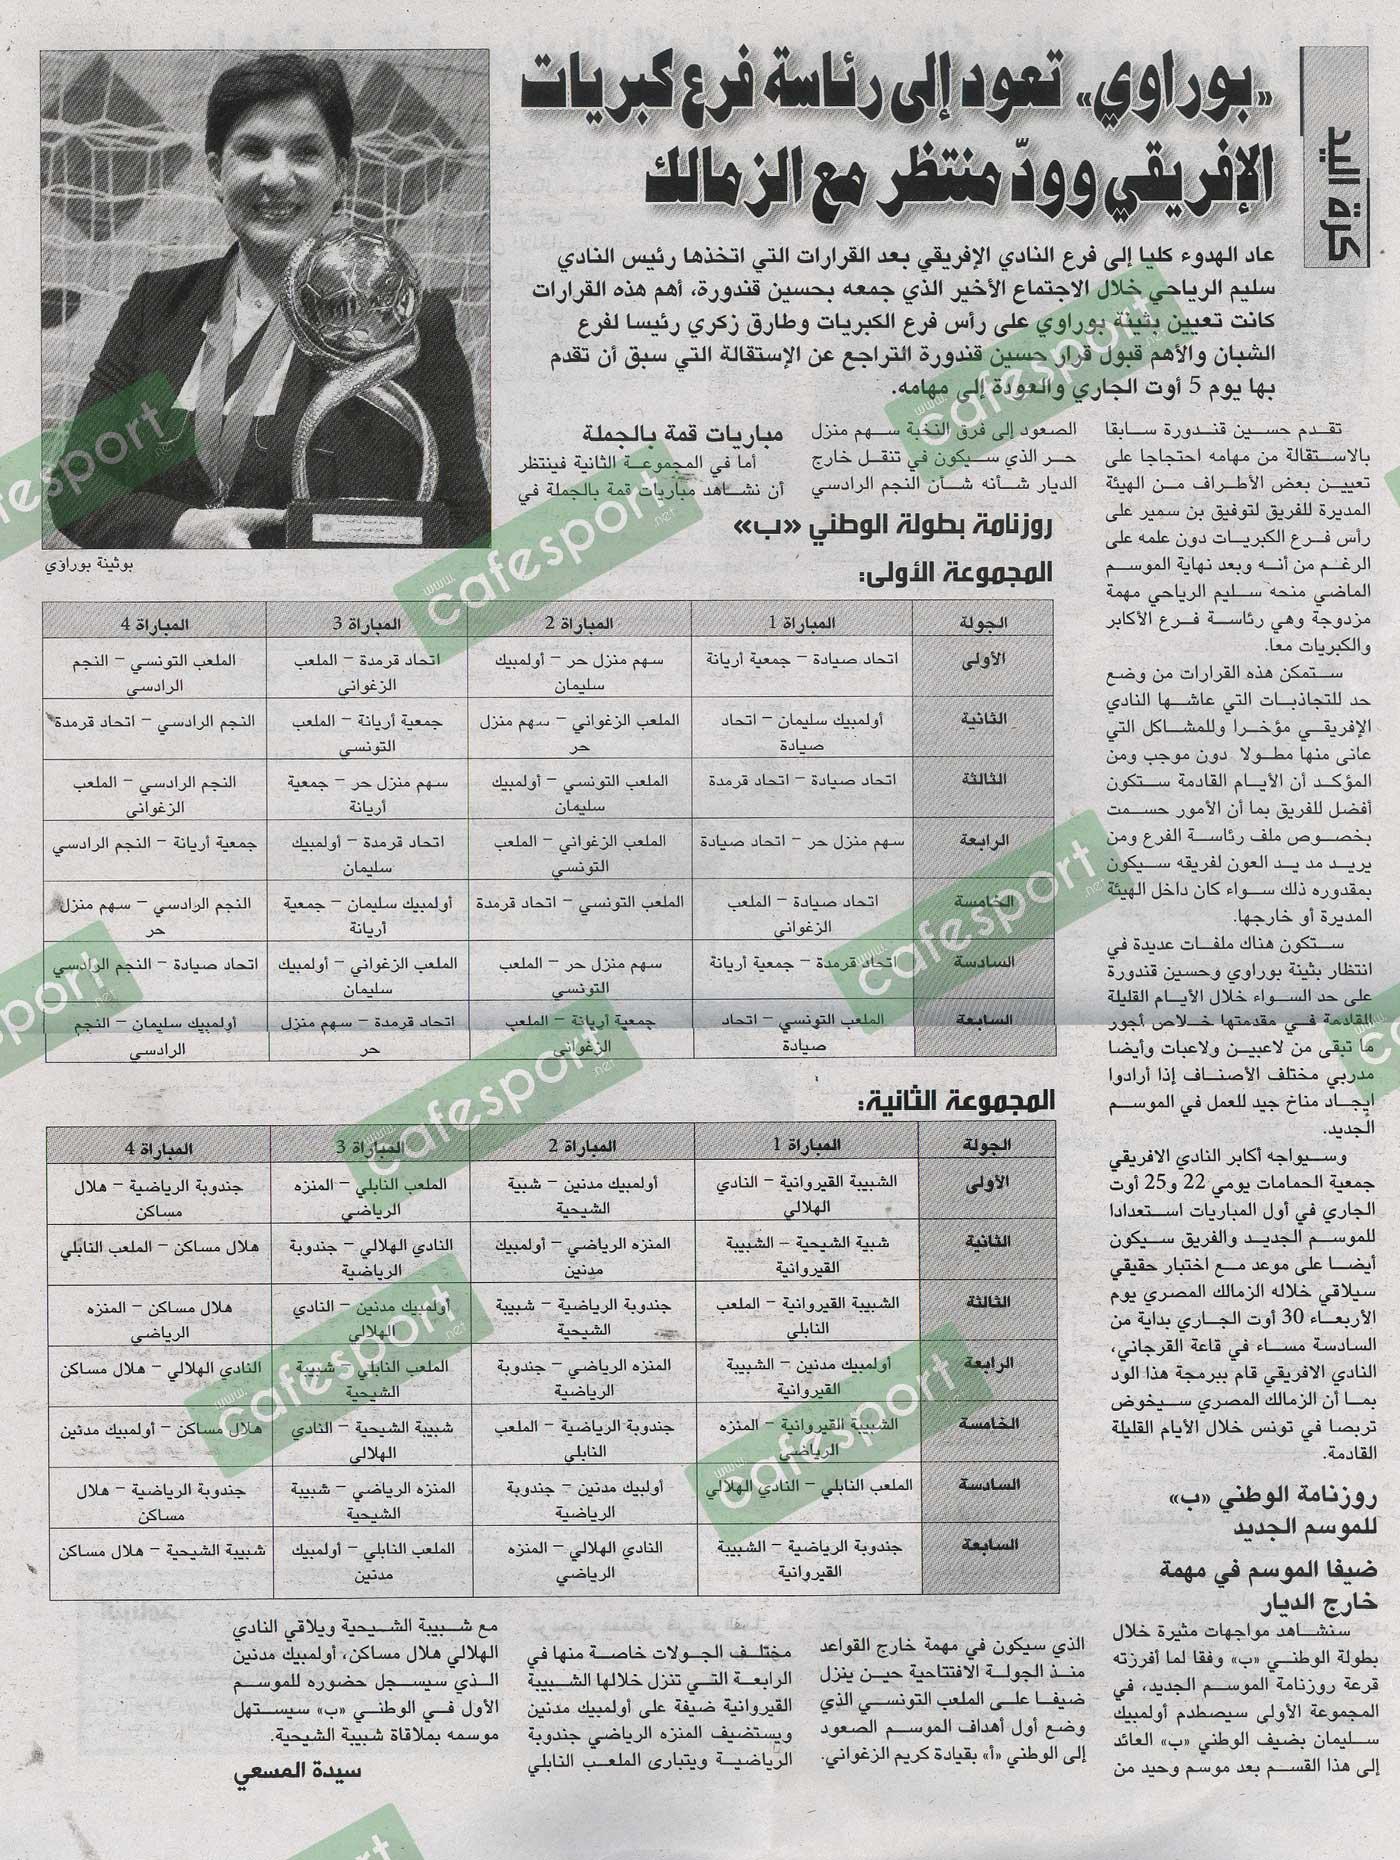 04f392d190861 ღ♥ღ صحيفة النادي الافريقيღ♥ღ ♥ أوت 2017 ღ♥ღ ♥  الأرشيف  - الصفحة 2 -  الرياضي التونسي